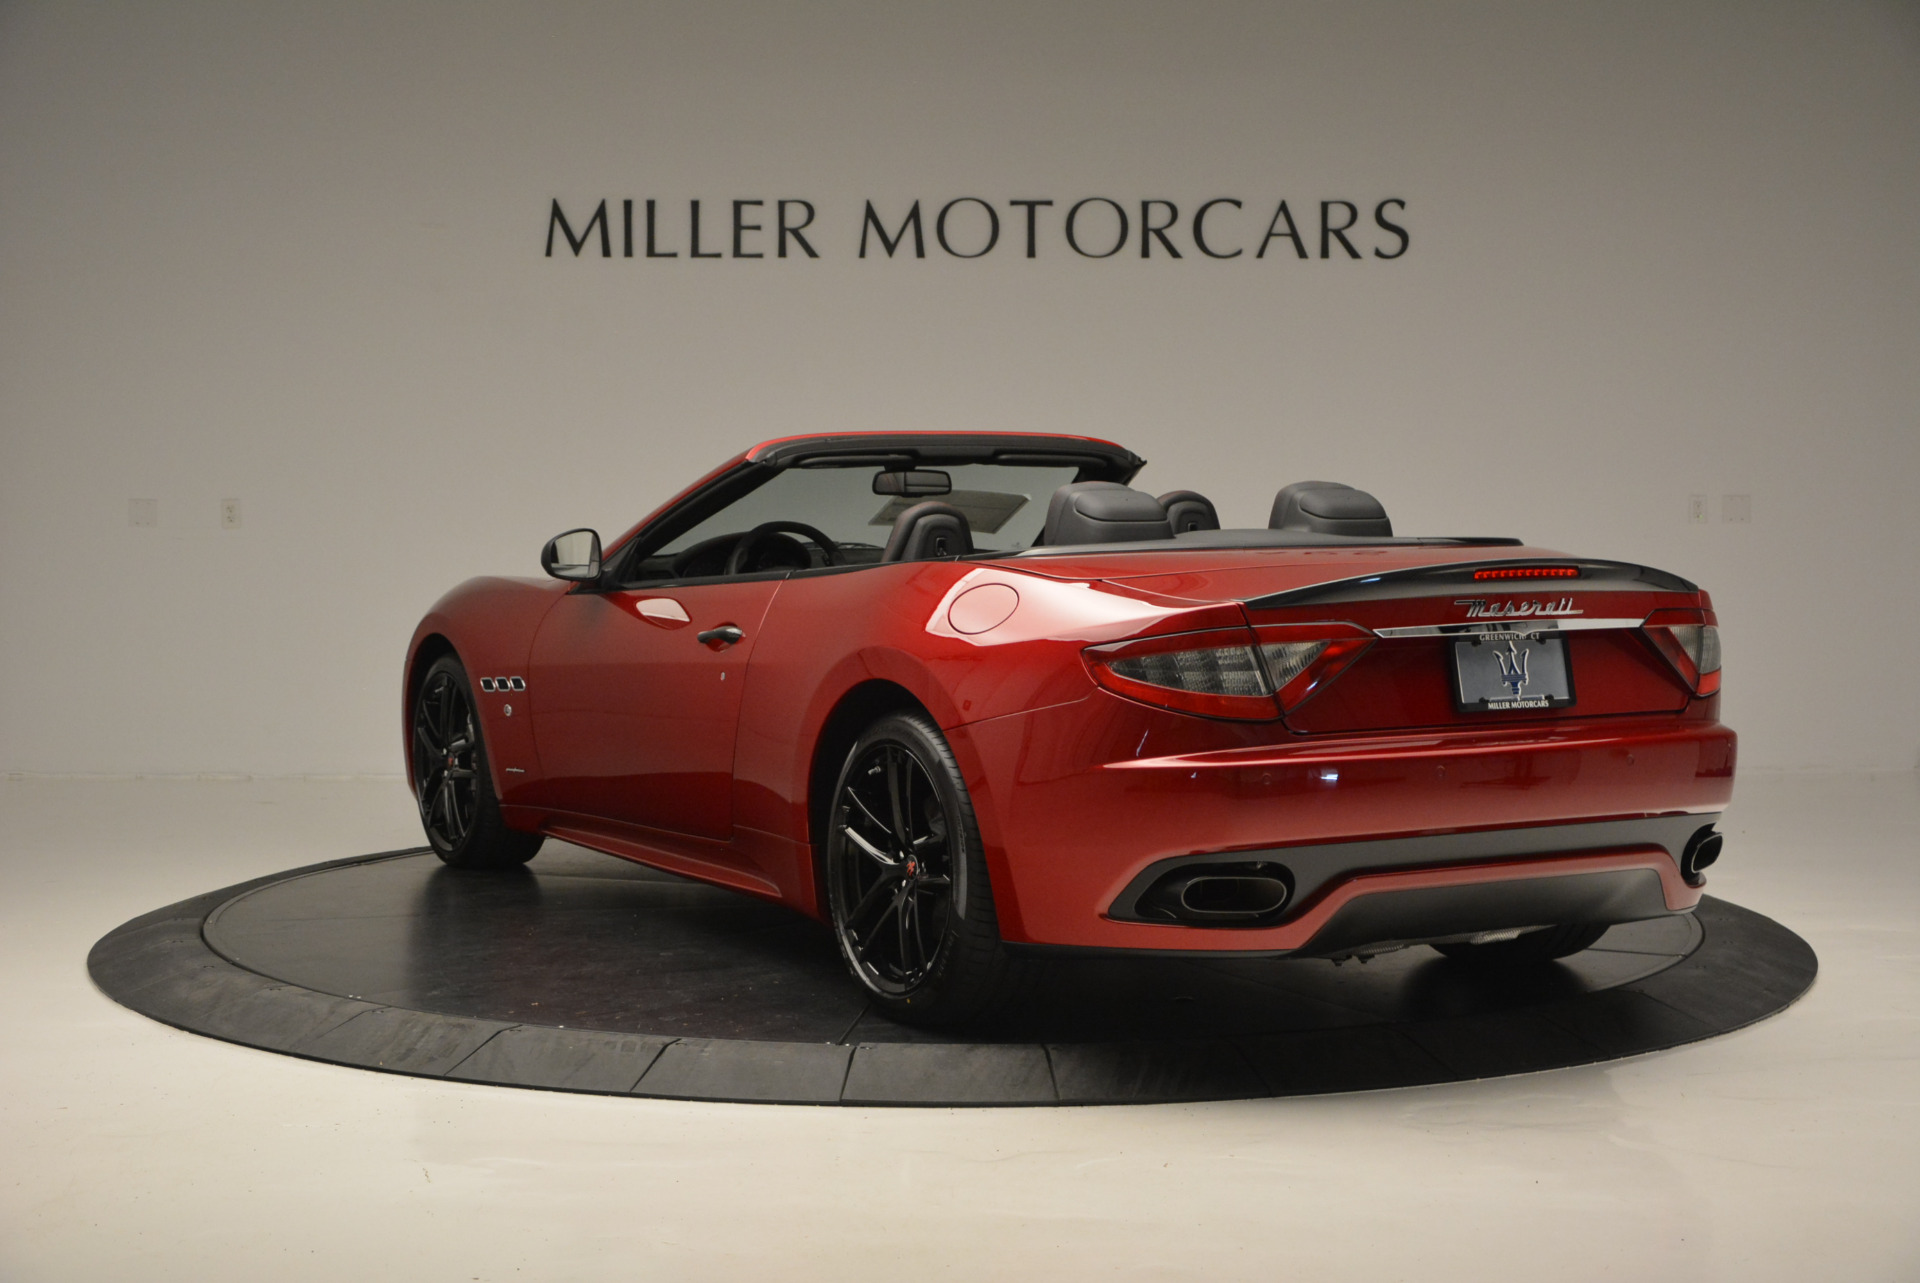 New-2017-Maserati-GranTurismo-Sport-Special-Edition